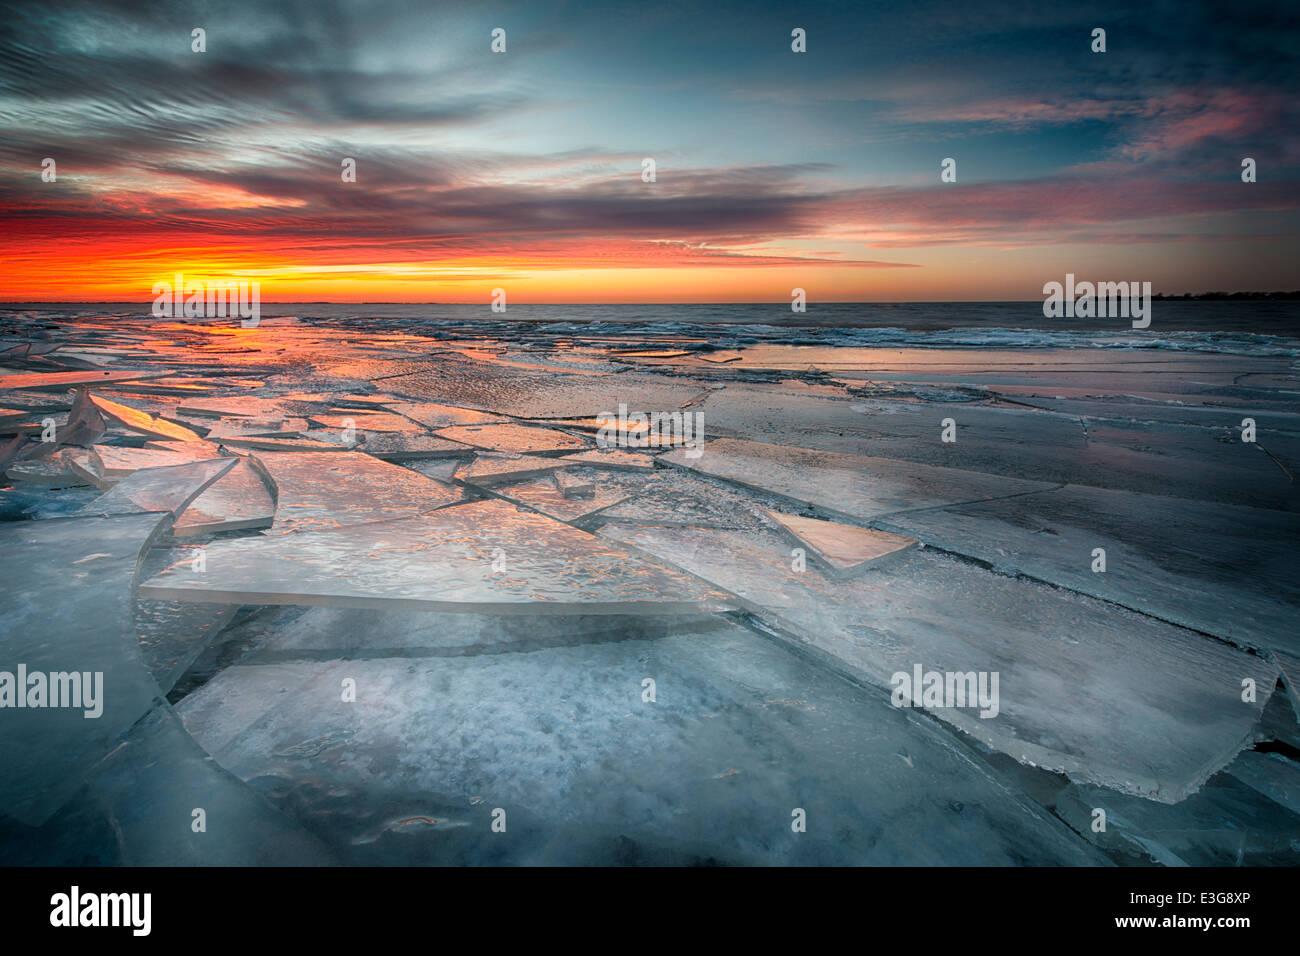 La pile de feuilles de glace le long des rives du lac Sainte-Claire, dans le sud-est du Michigan, ce qui reflète Photo Stock